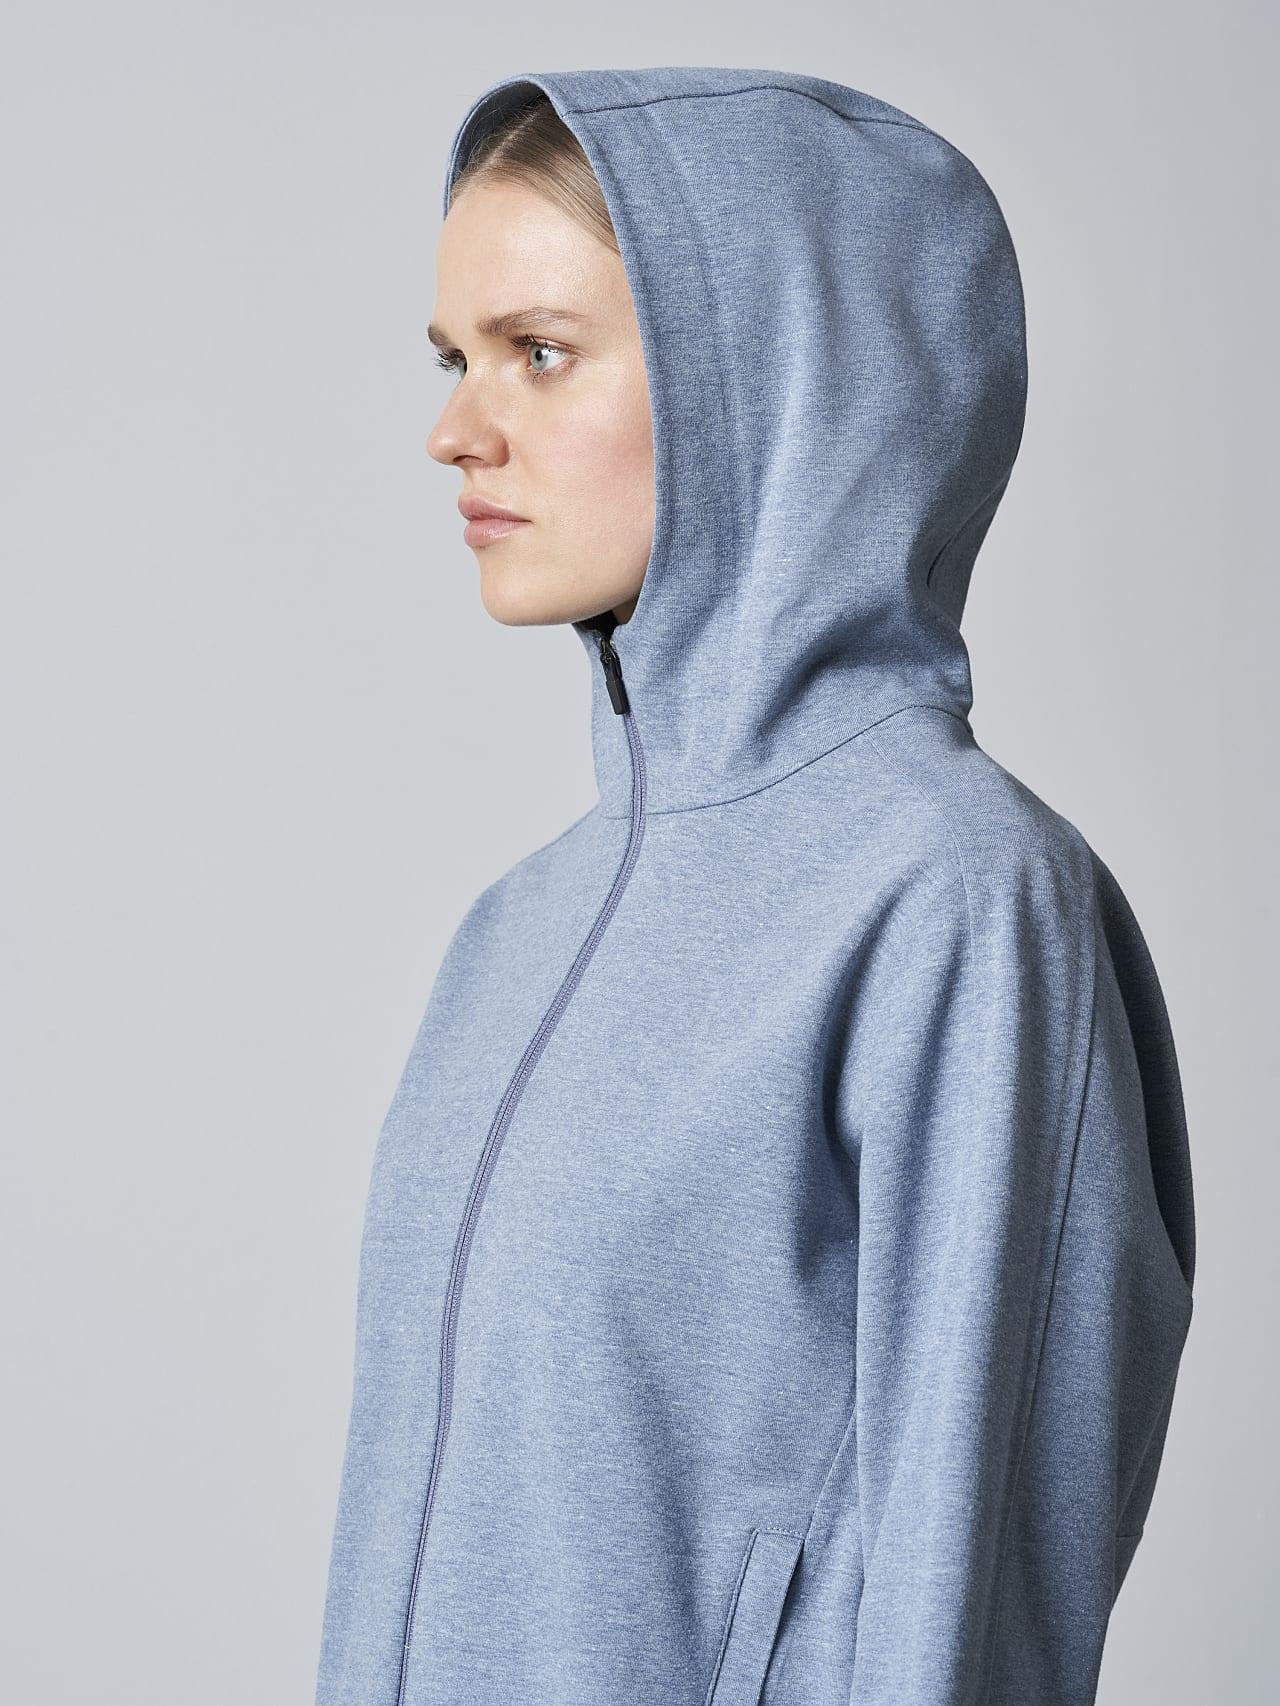 SINNO V2.Y5.02 Waterproof Hooded Jacket medium blue Right Alpha Tauri